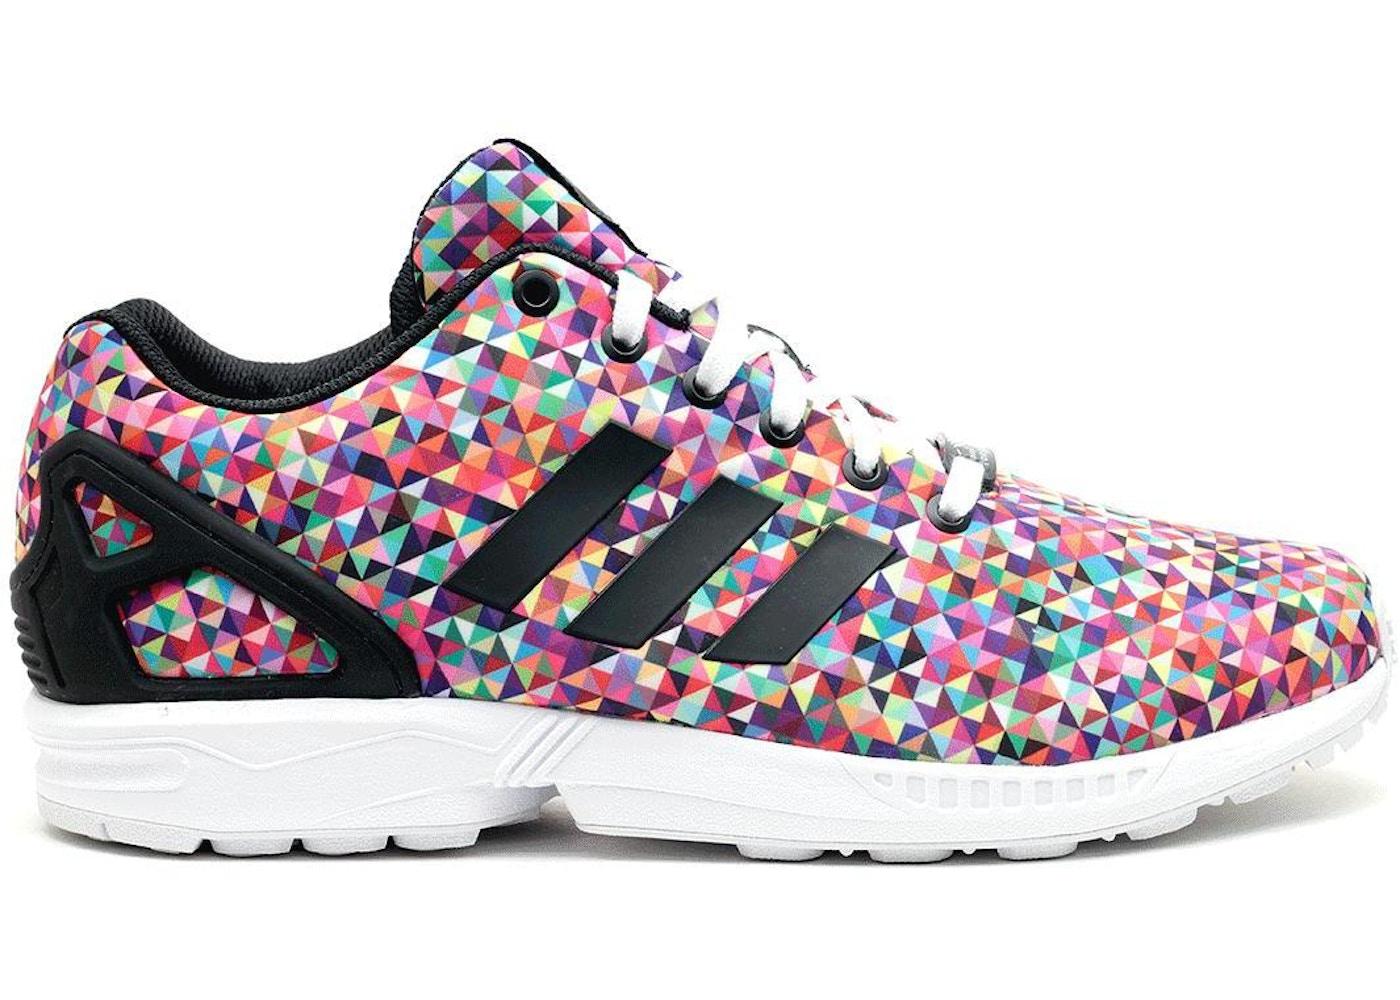 4d5a64ed7c37 adidas ZX Flux Multi-Color Prism - M19845